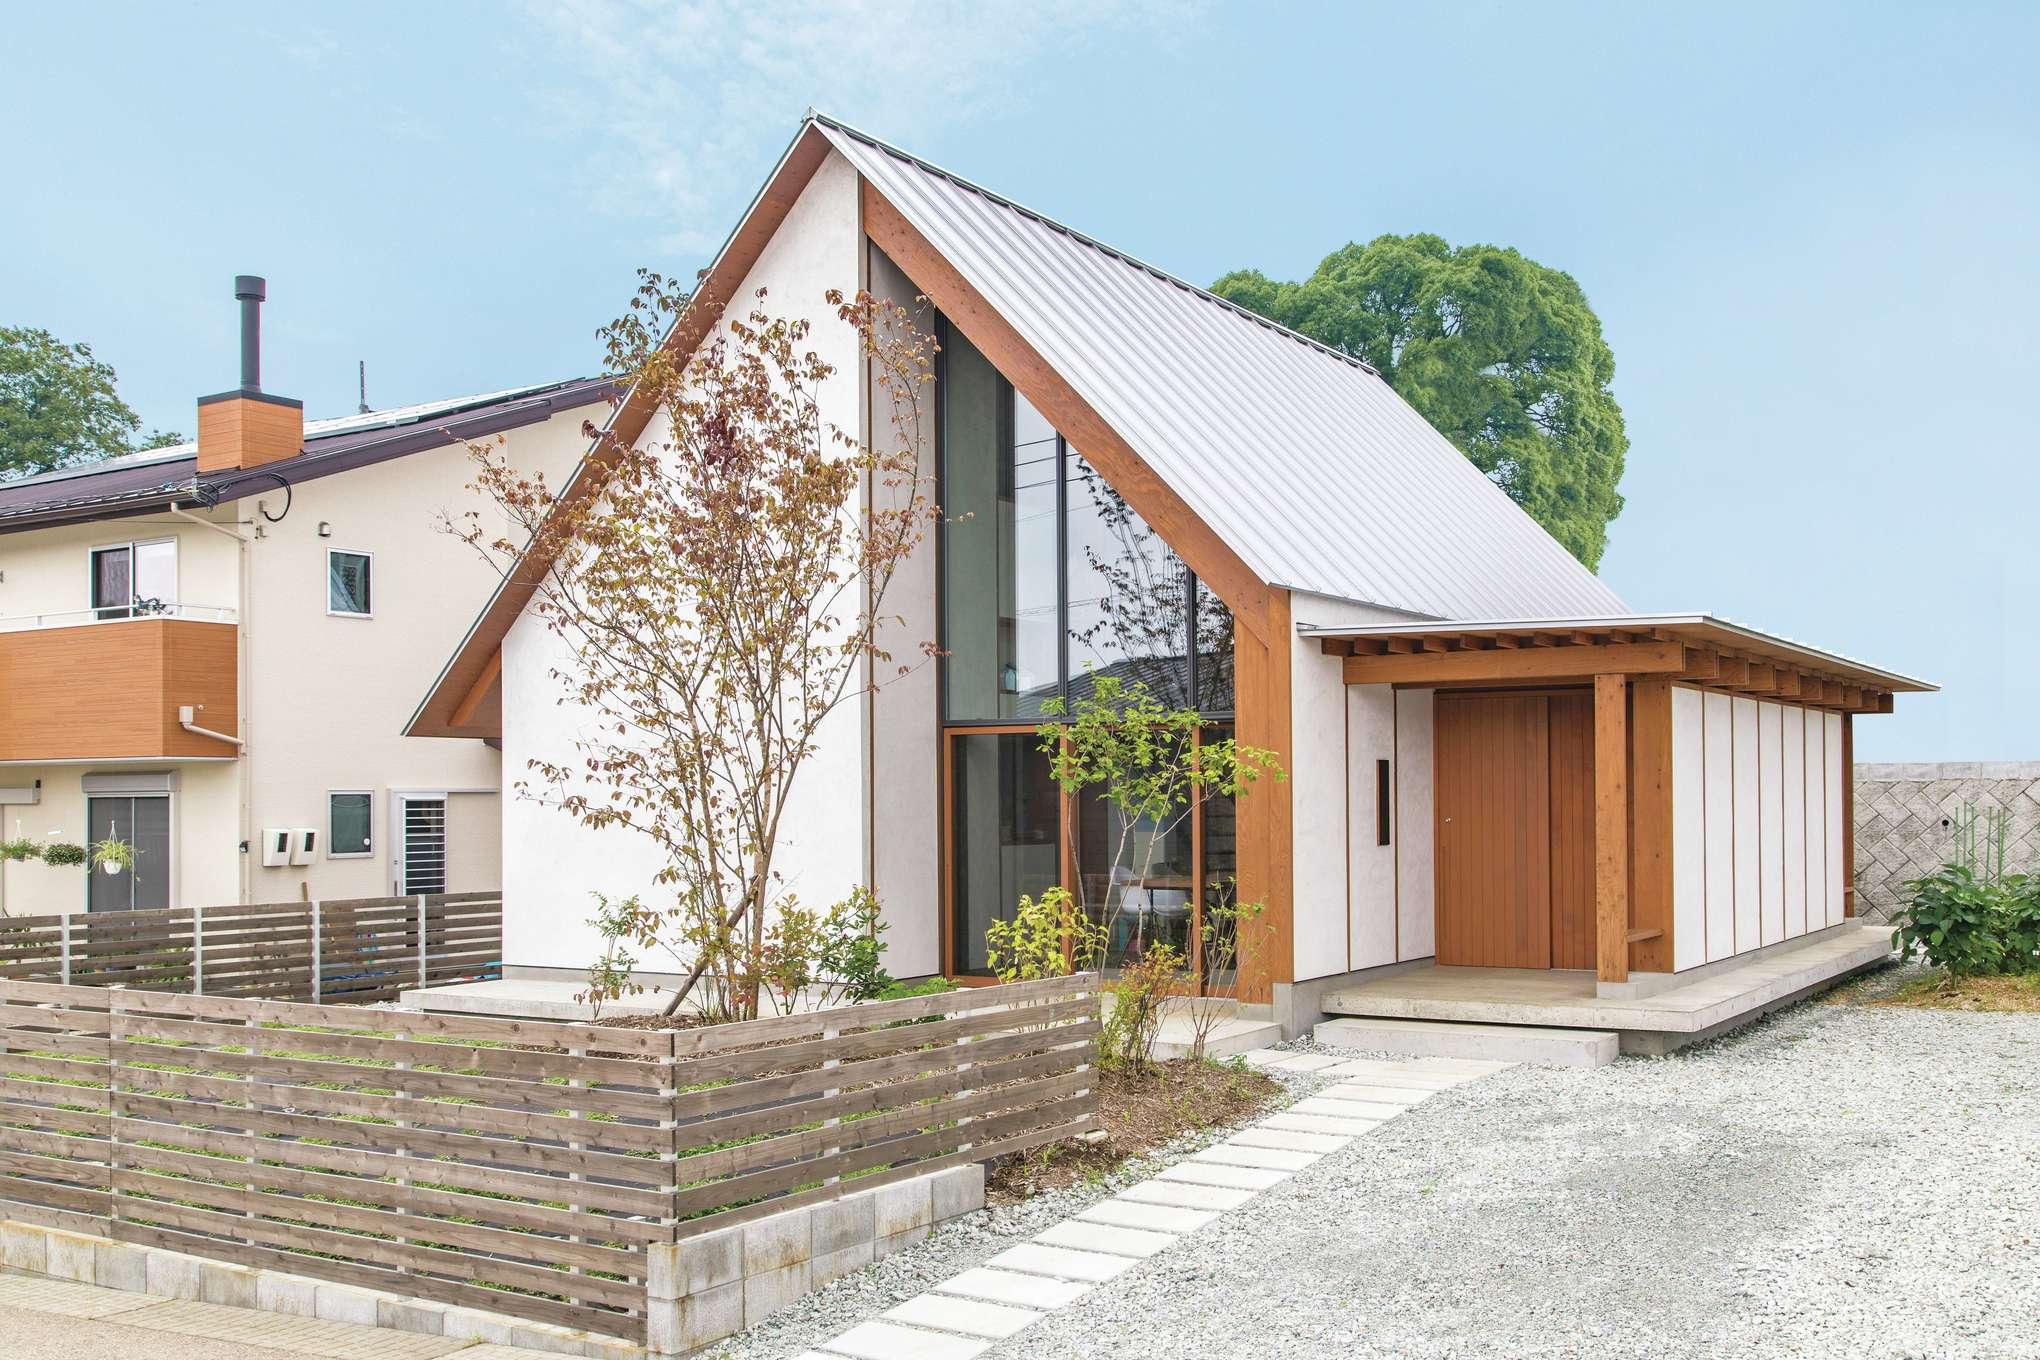 建杜 KENT(大栄工業)【デザイン住宅、自然素材、建築家】シンメトリーの三角屋根が印象的なM邸は、森の中の教会のような佇まい。日当たりや風の流れはもちろん、景色の抜け感までも考慮して窓を配置。キャンプもできそうな広い庭や家庭菜園で、自宅でもアウトドアを存分に楽しめる